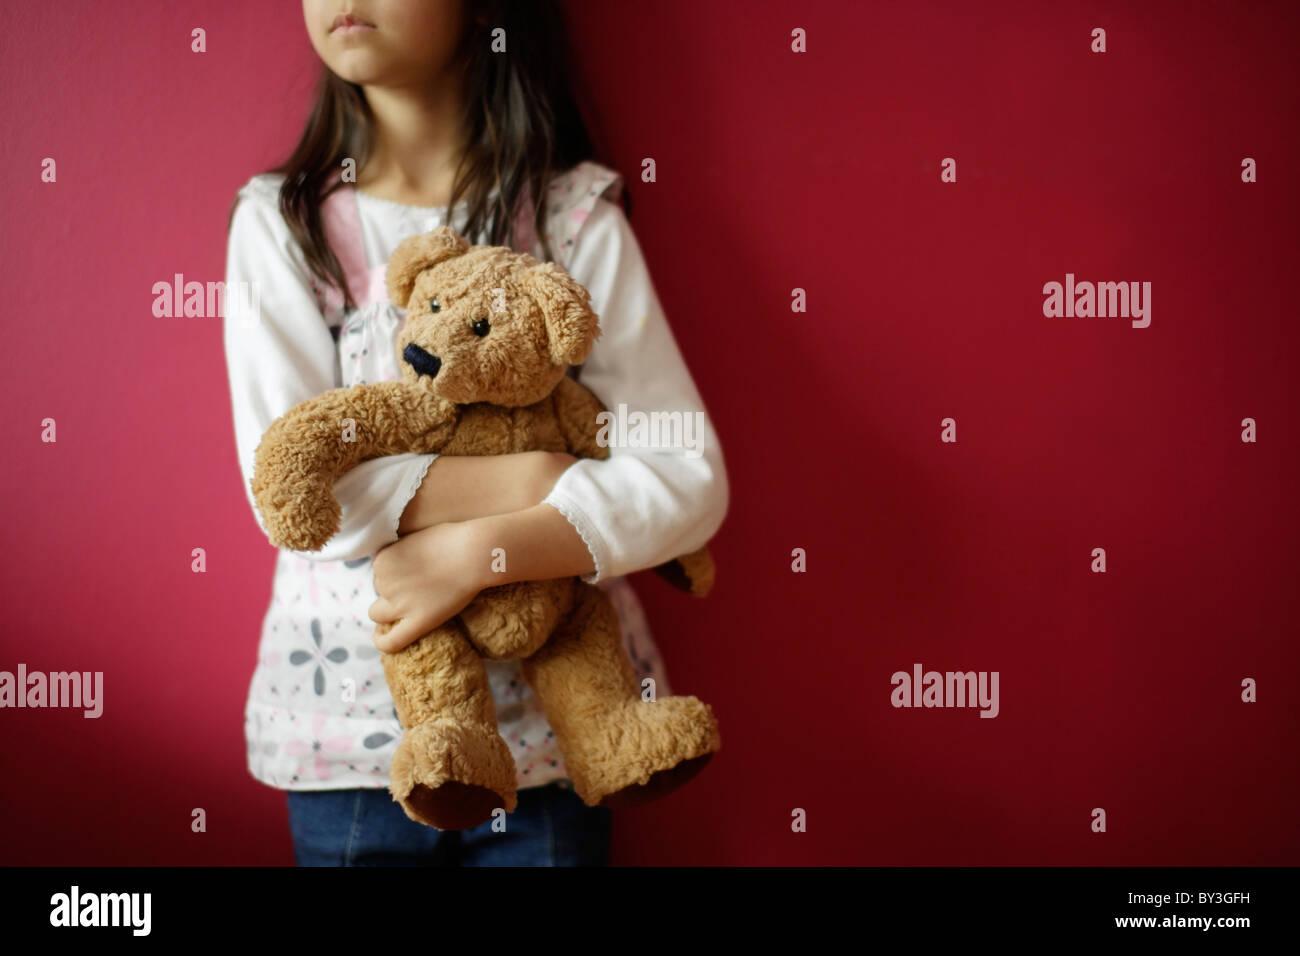 Girl holds teddy bear - Stock Image